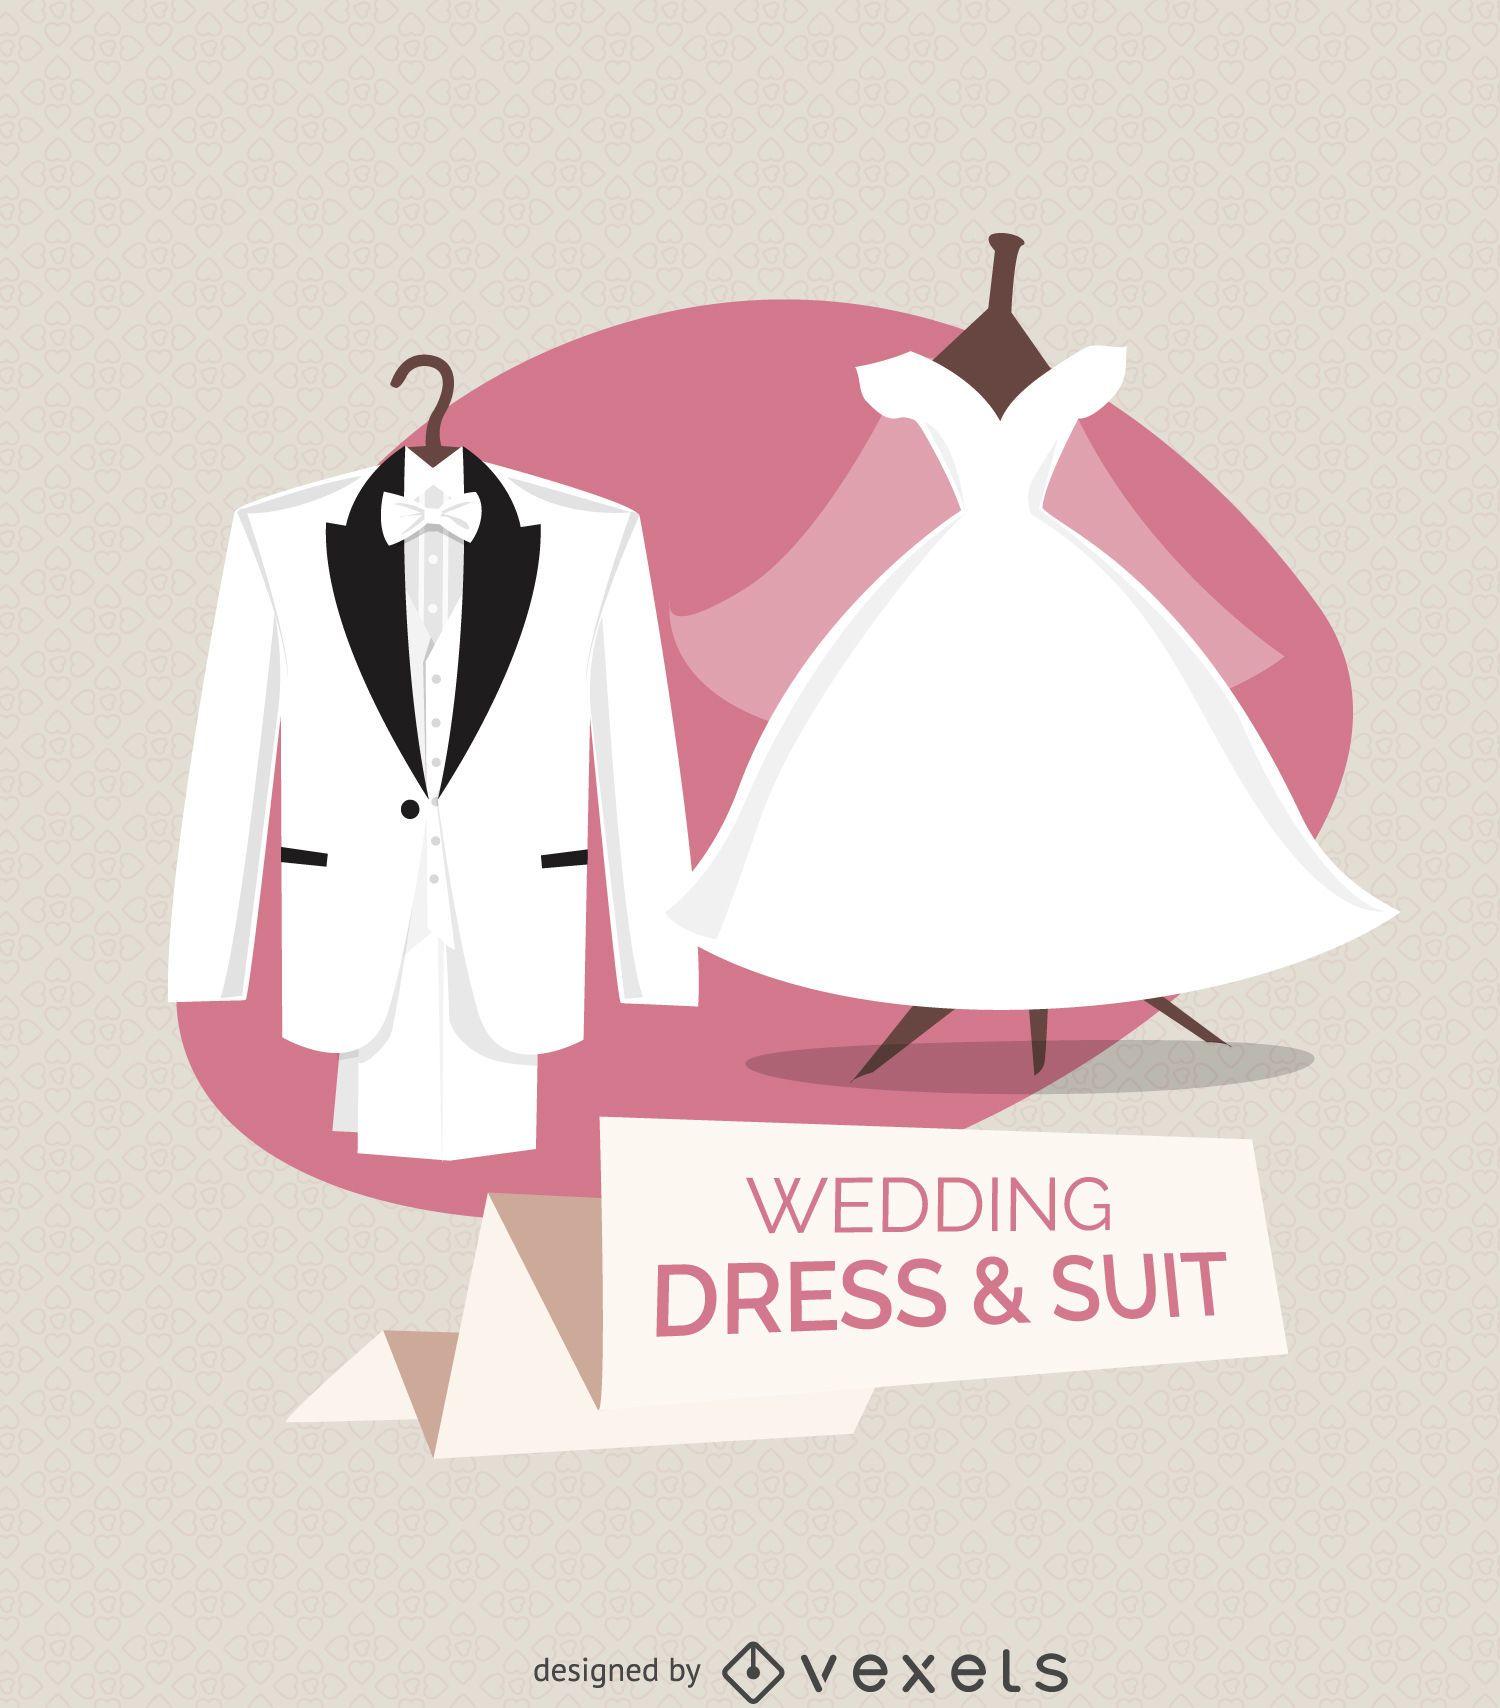 Vestido de novia y traje de ilustración - Descargar vector